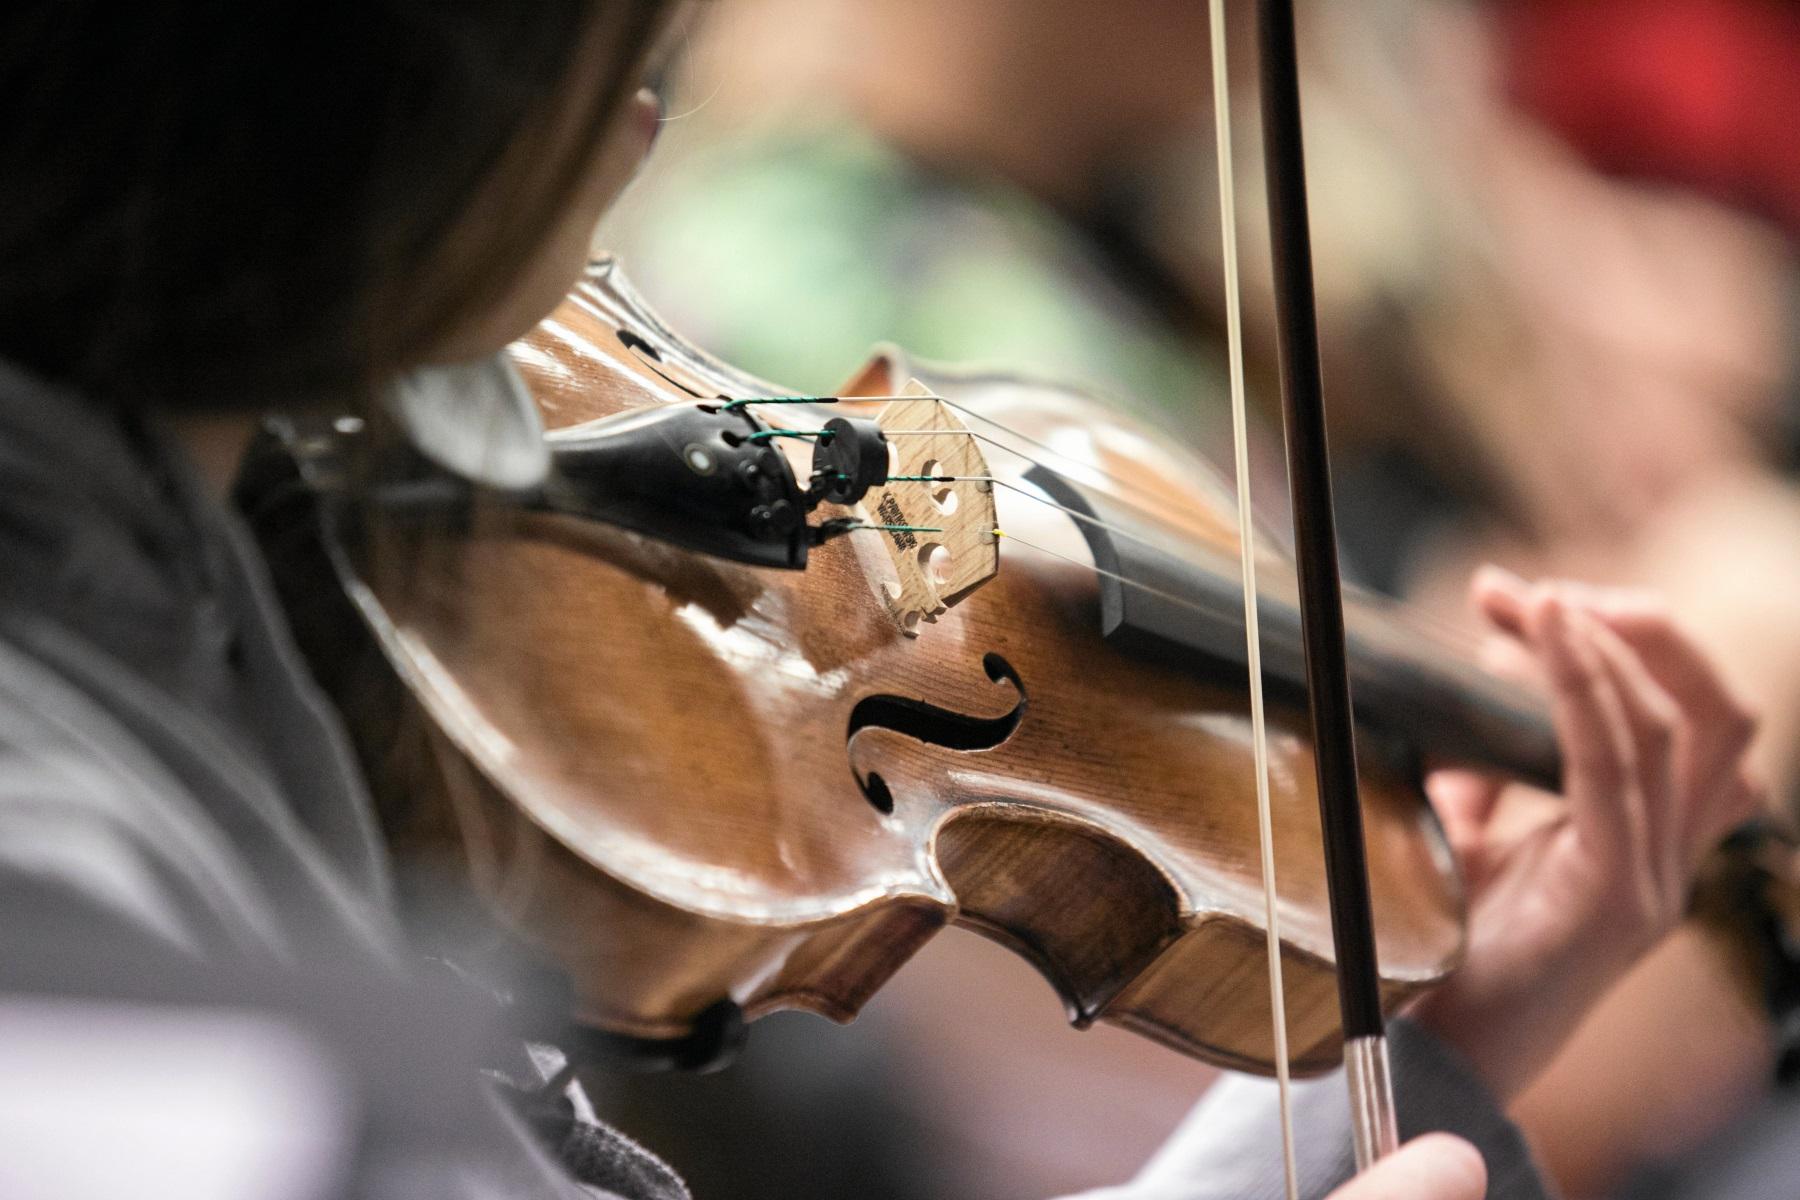 Karierę zaprojektowali jej rodzice. W wieku 30 lat przyszła na lekcję instrumentu i się rozpłakała (fot: Jakub Orzechowski/ Agencja Gazeta)